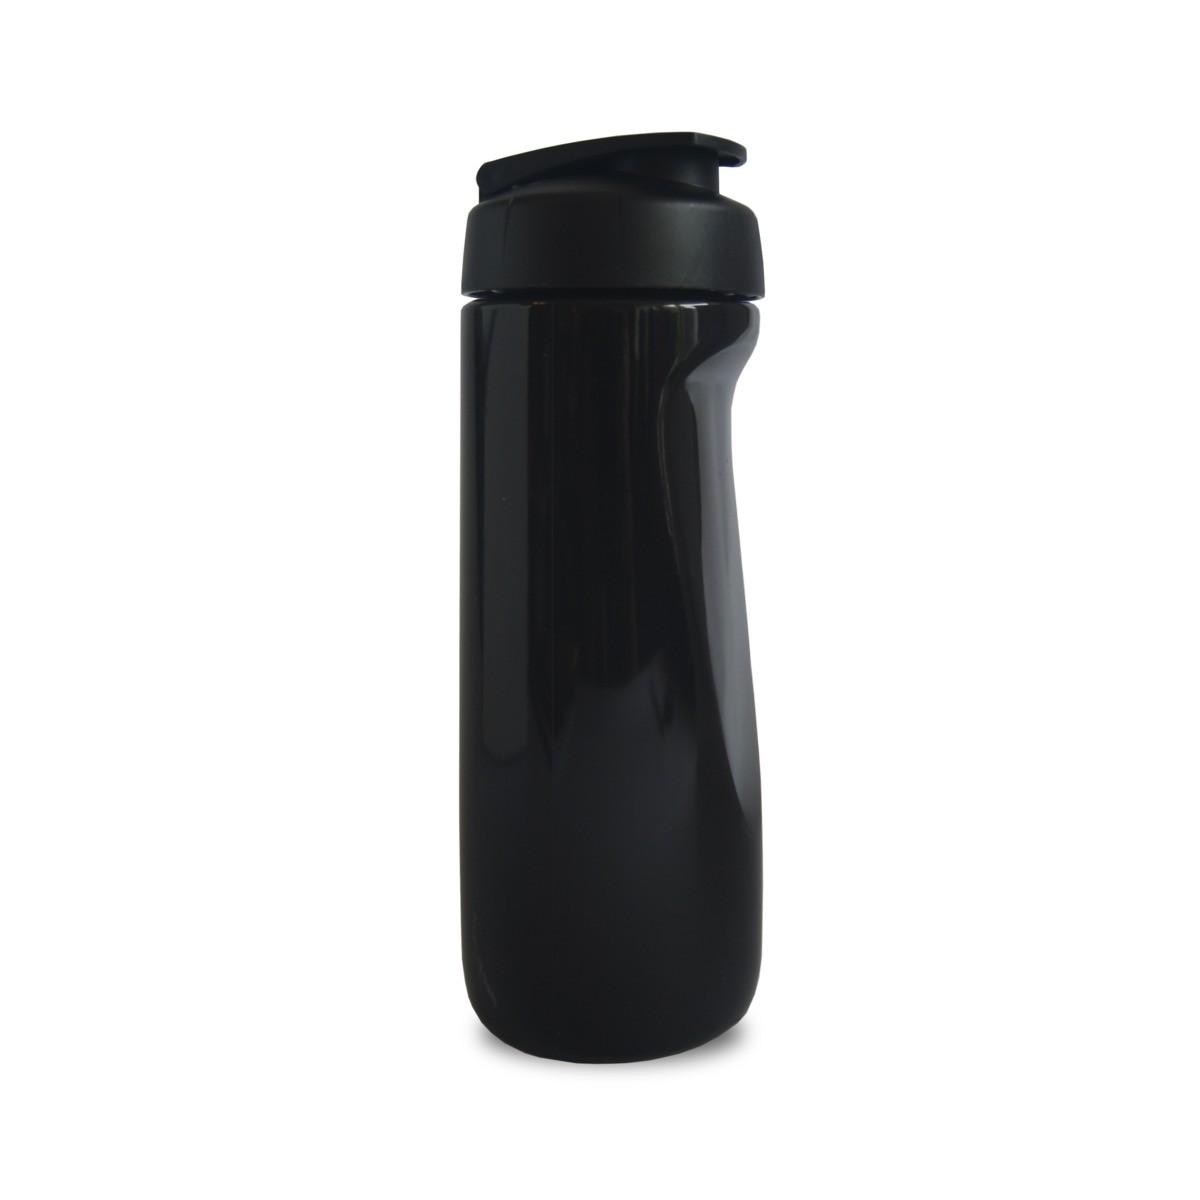 Vattenflaska Kick svart